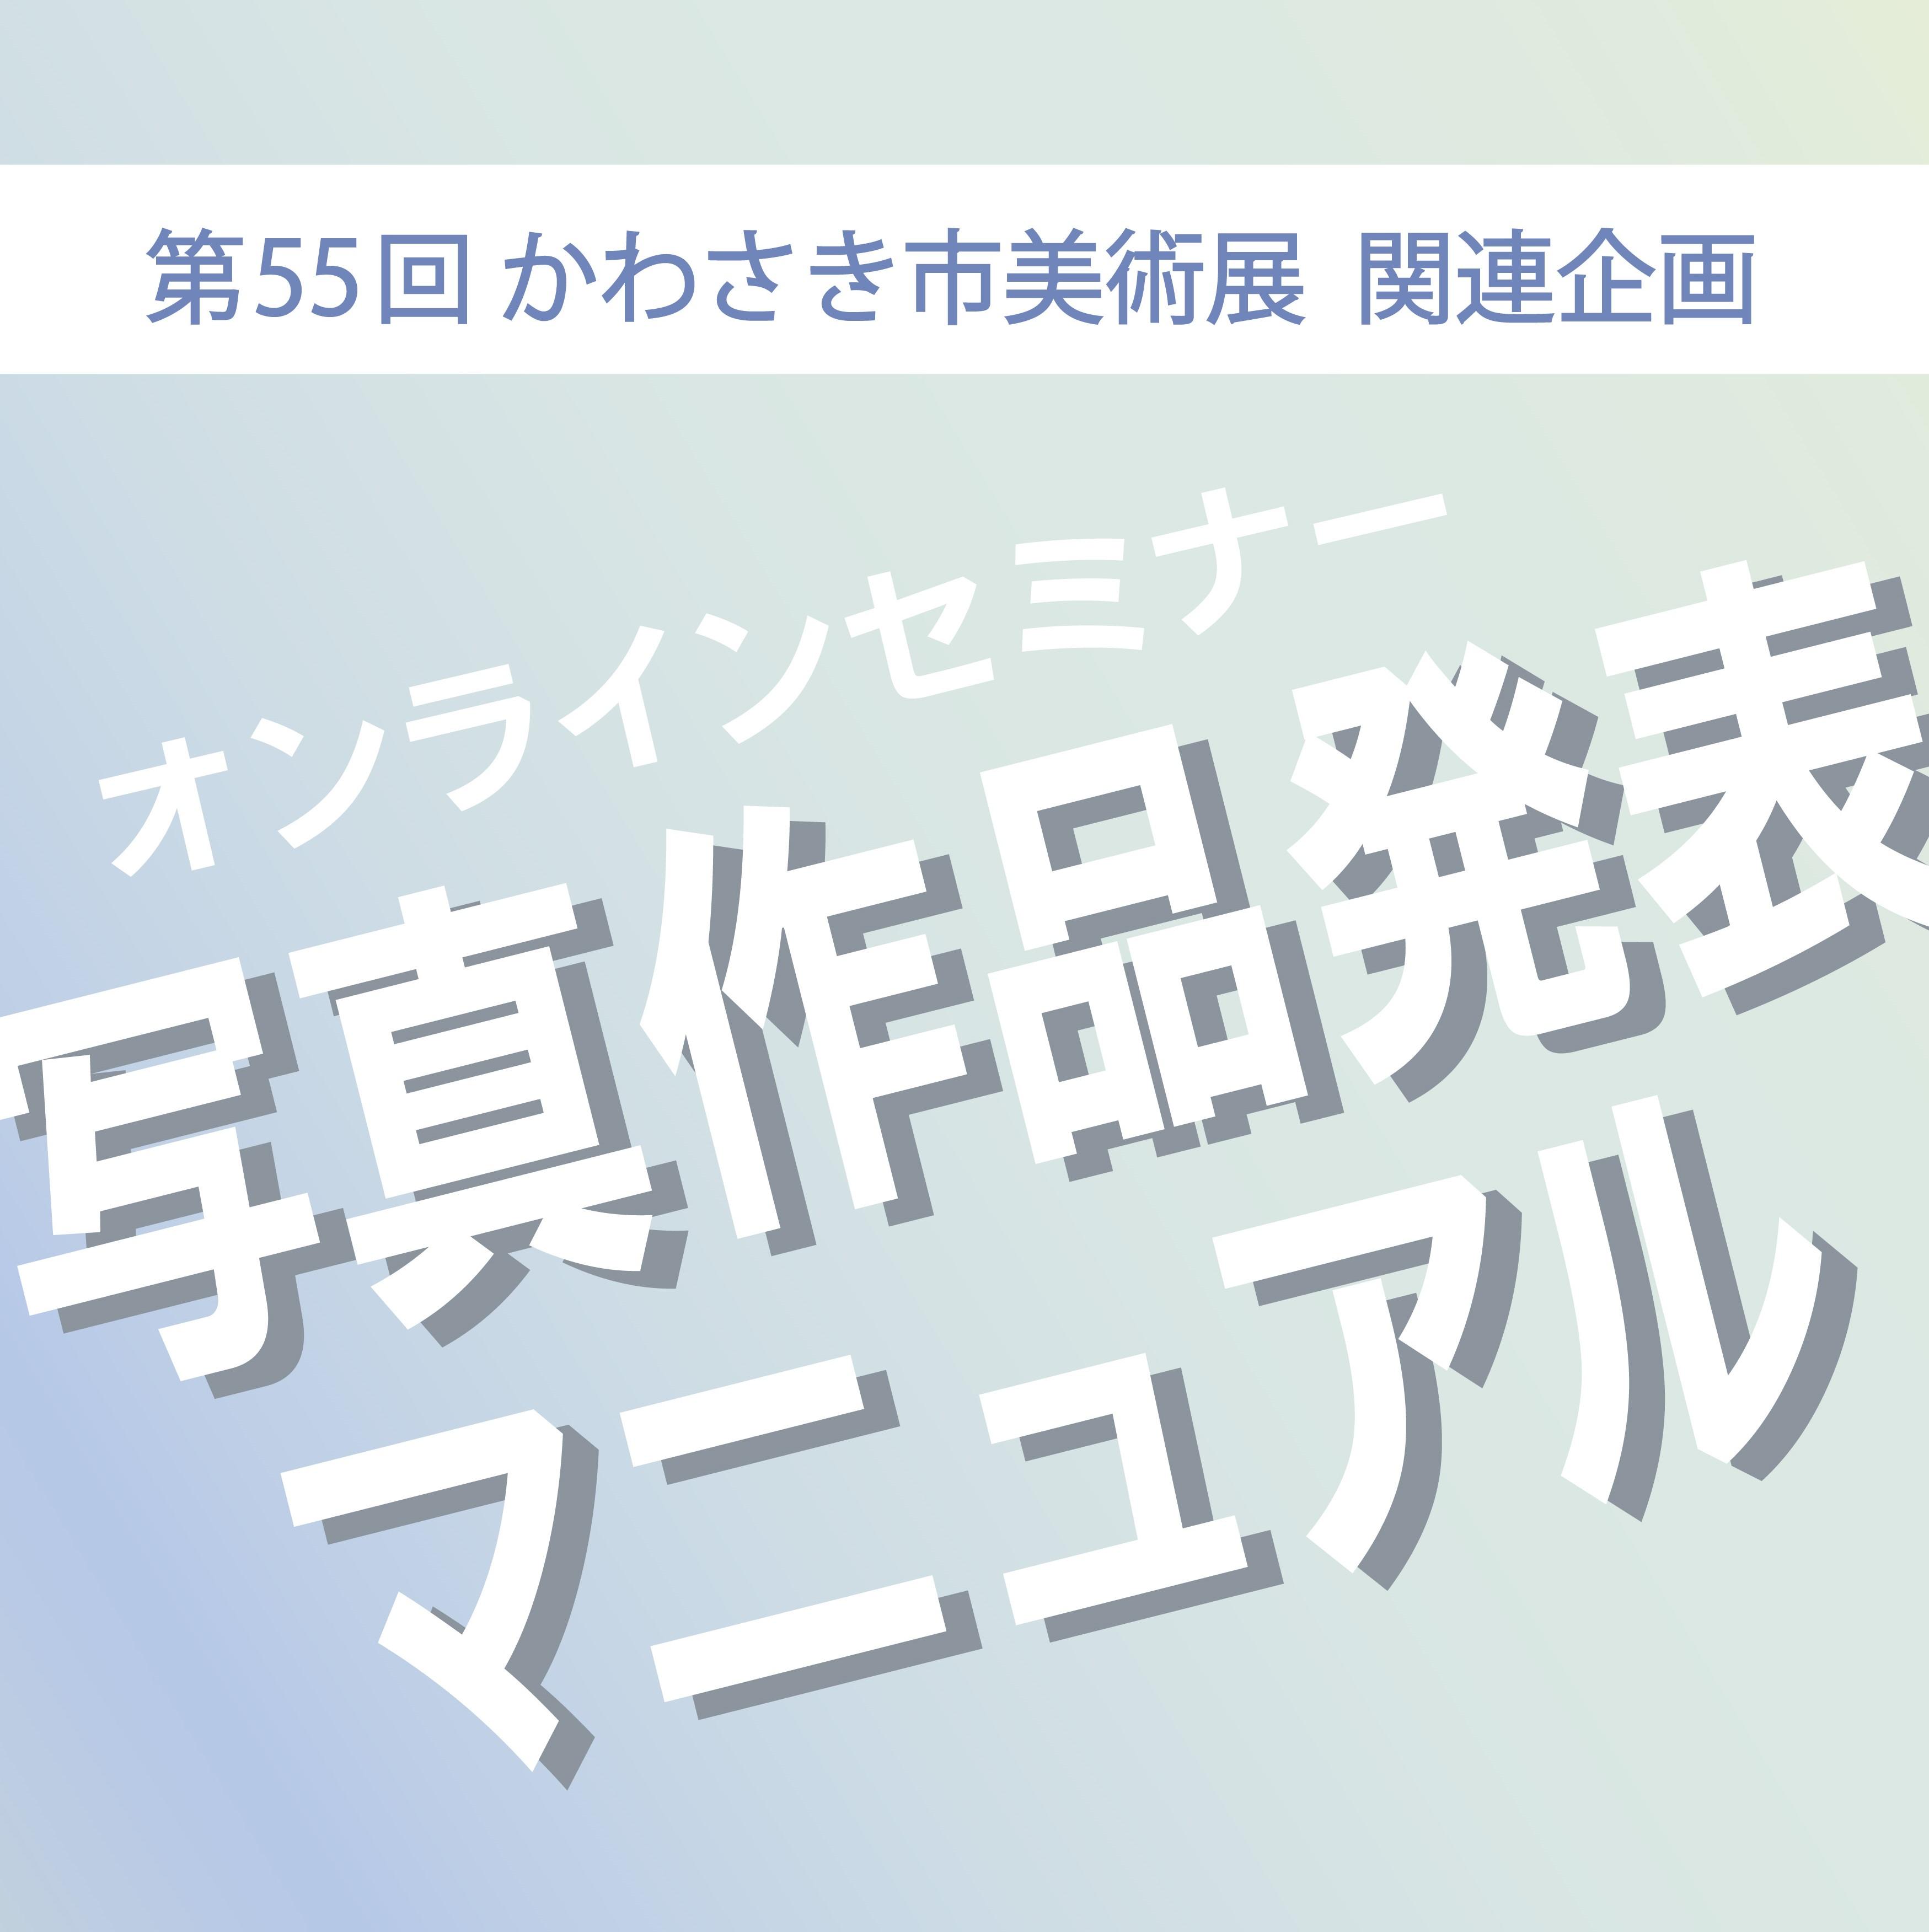 オンラインセミナー「写真作品発表マニュアル」